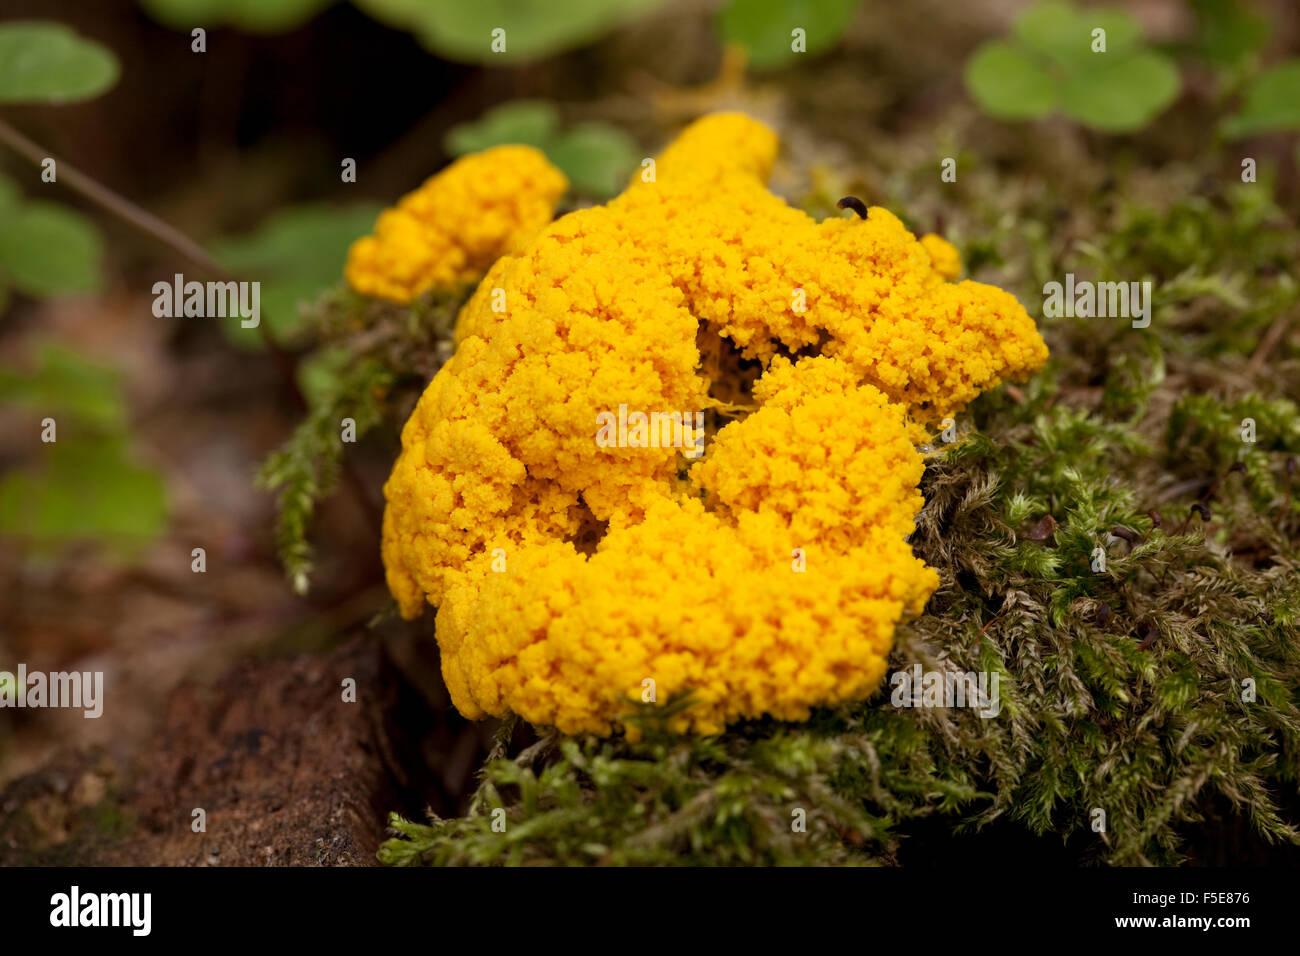 Orange Schleim Schimmel (Fuligo Septica) auf Stamm Stockbild